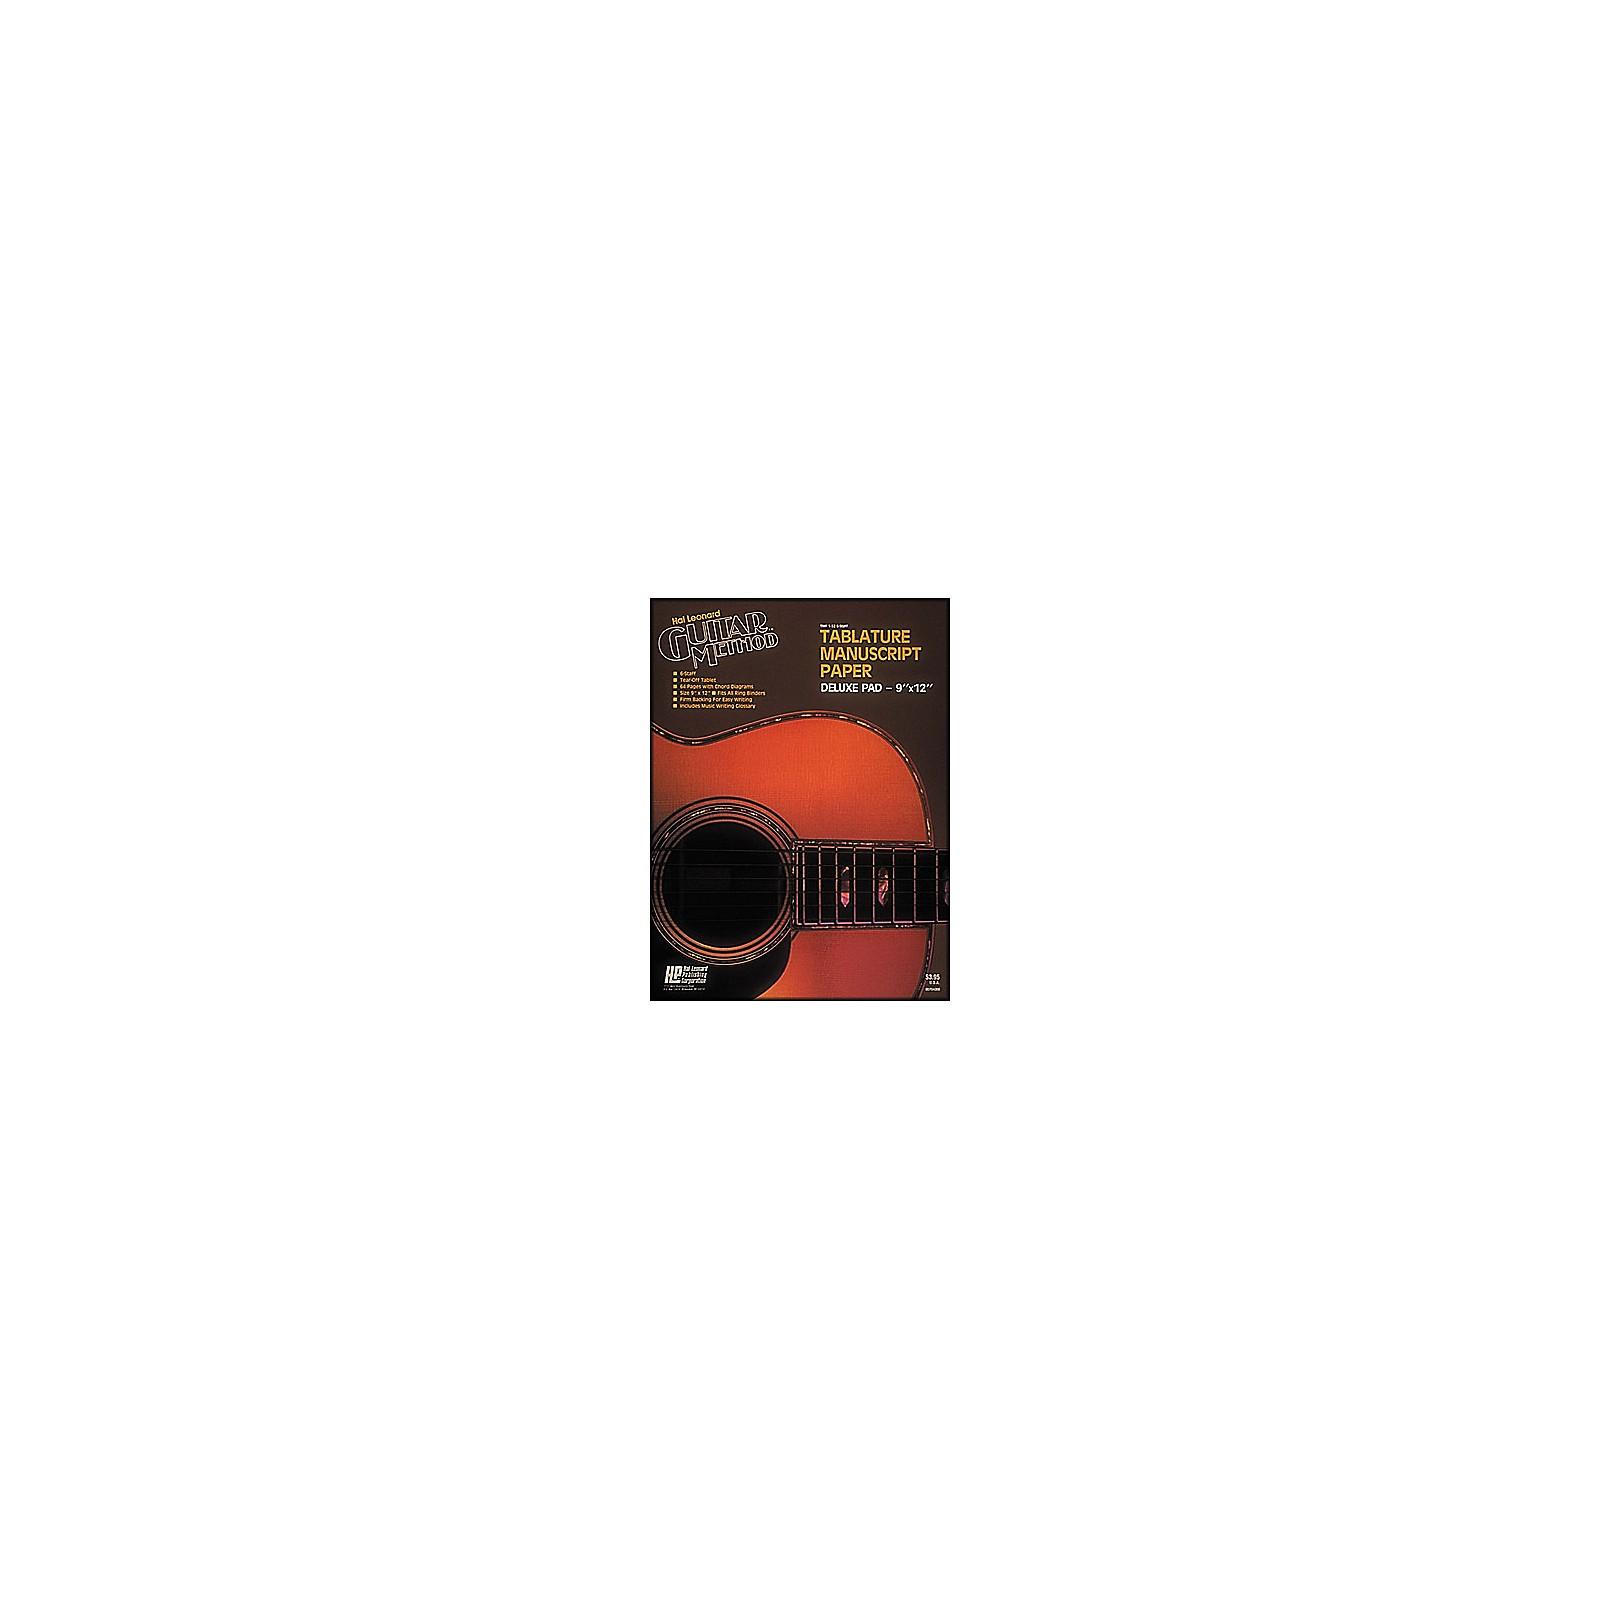 Hal Leonard Guitar Tablature Manuscript Paper Deluxe